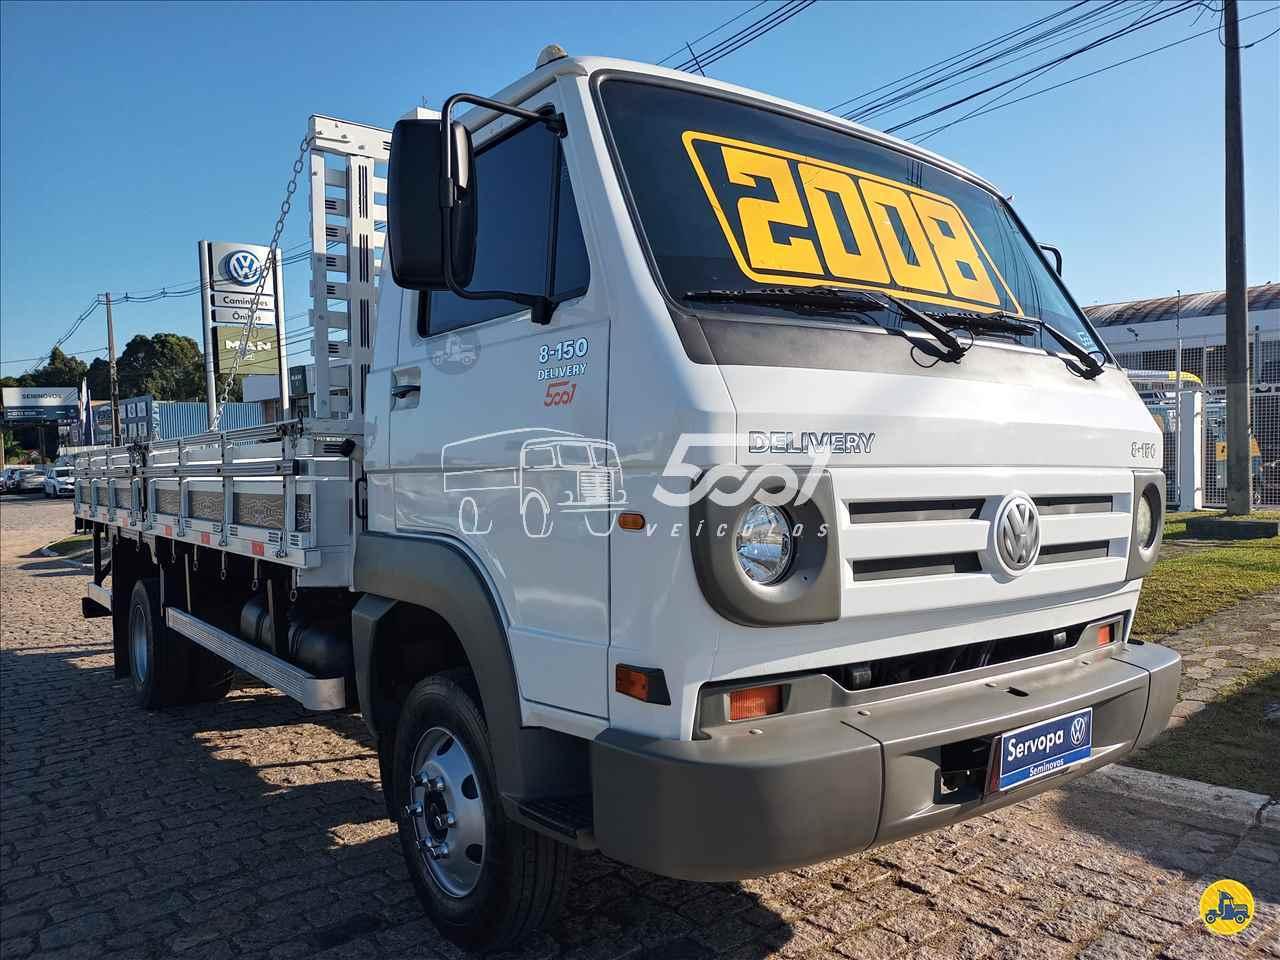 CAMINHAO VOLKSWAGEN VW 8150 Carroceria Cabine Suplementar 3/4 4x2 5001 Veículos - Curitiba CURITIBA PARANÁ PR